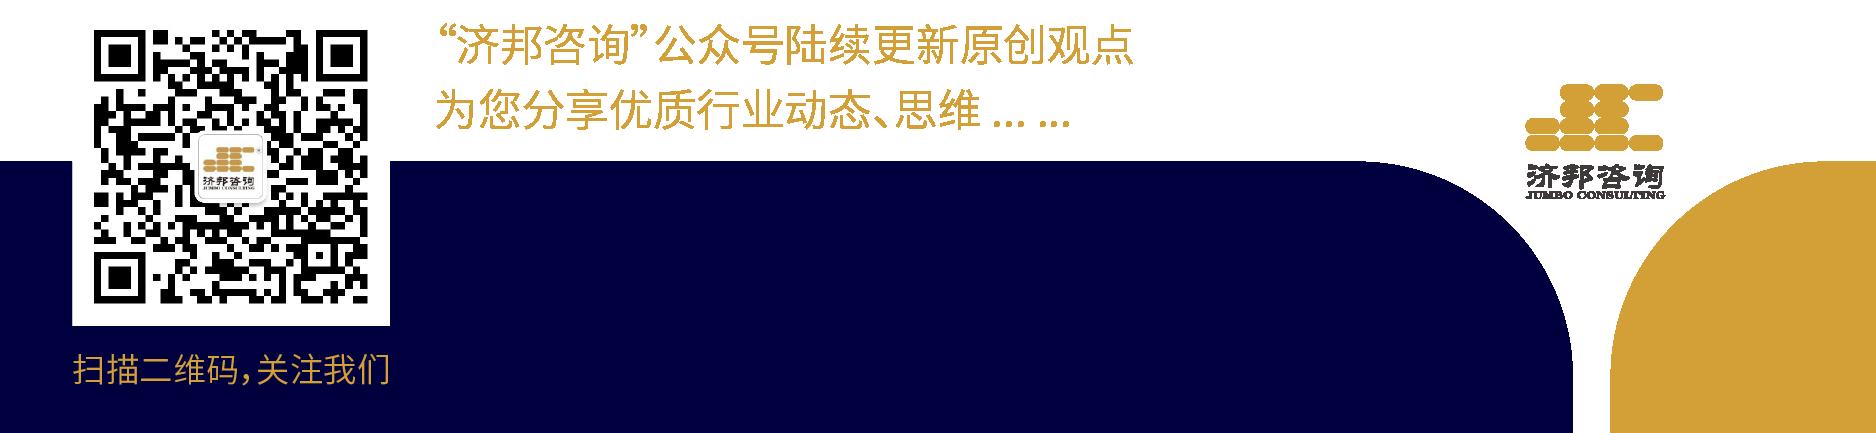 官网底部公众号-01.png